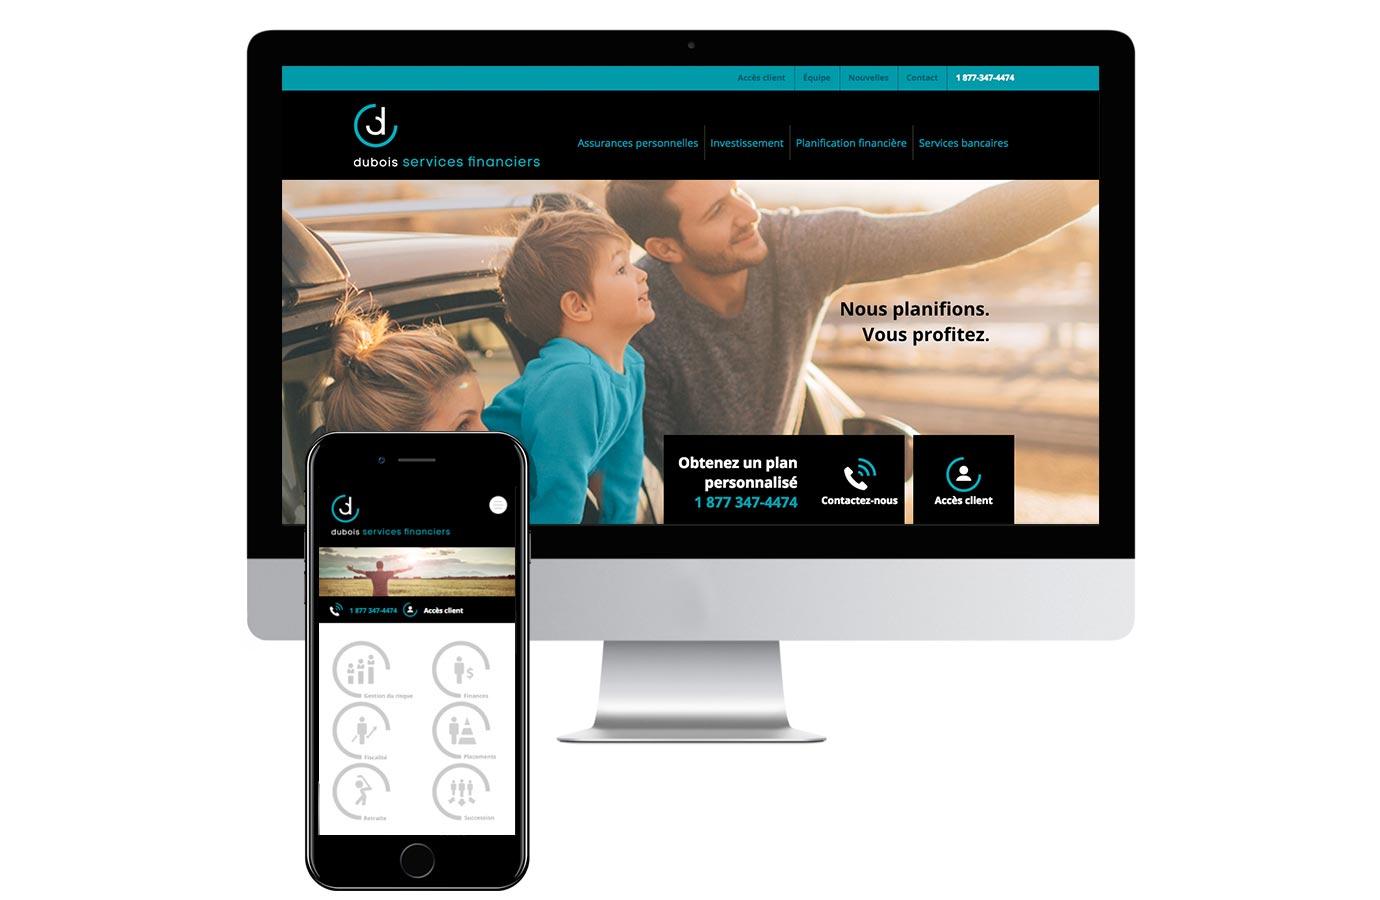 Site web Dubois services financiers